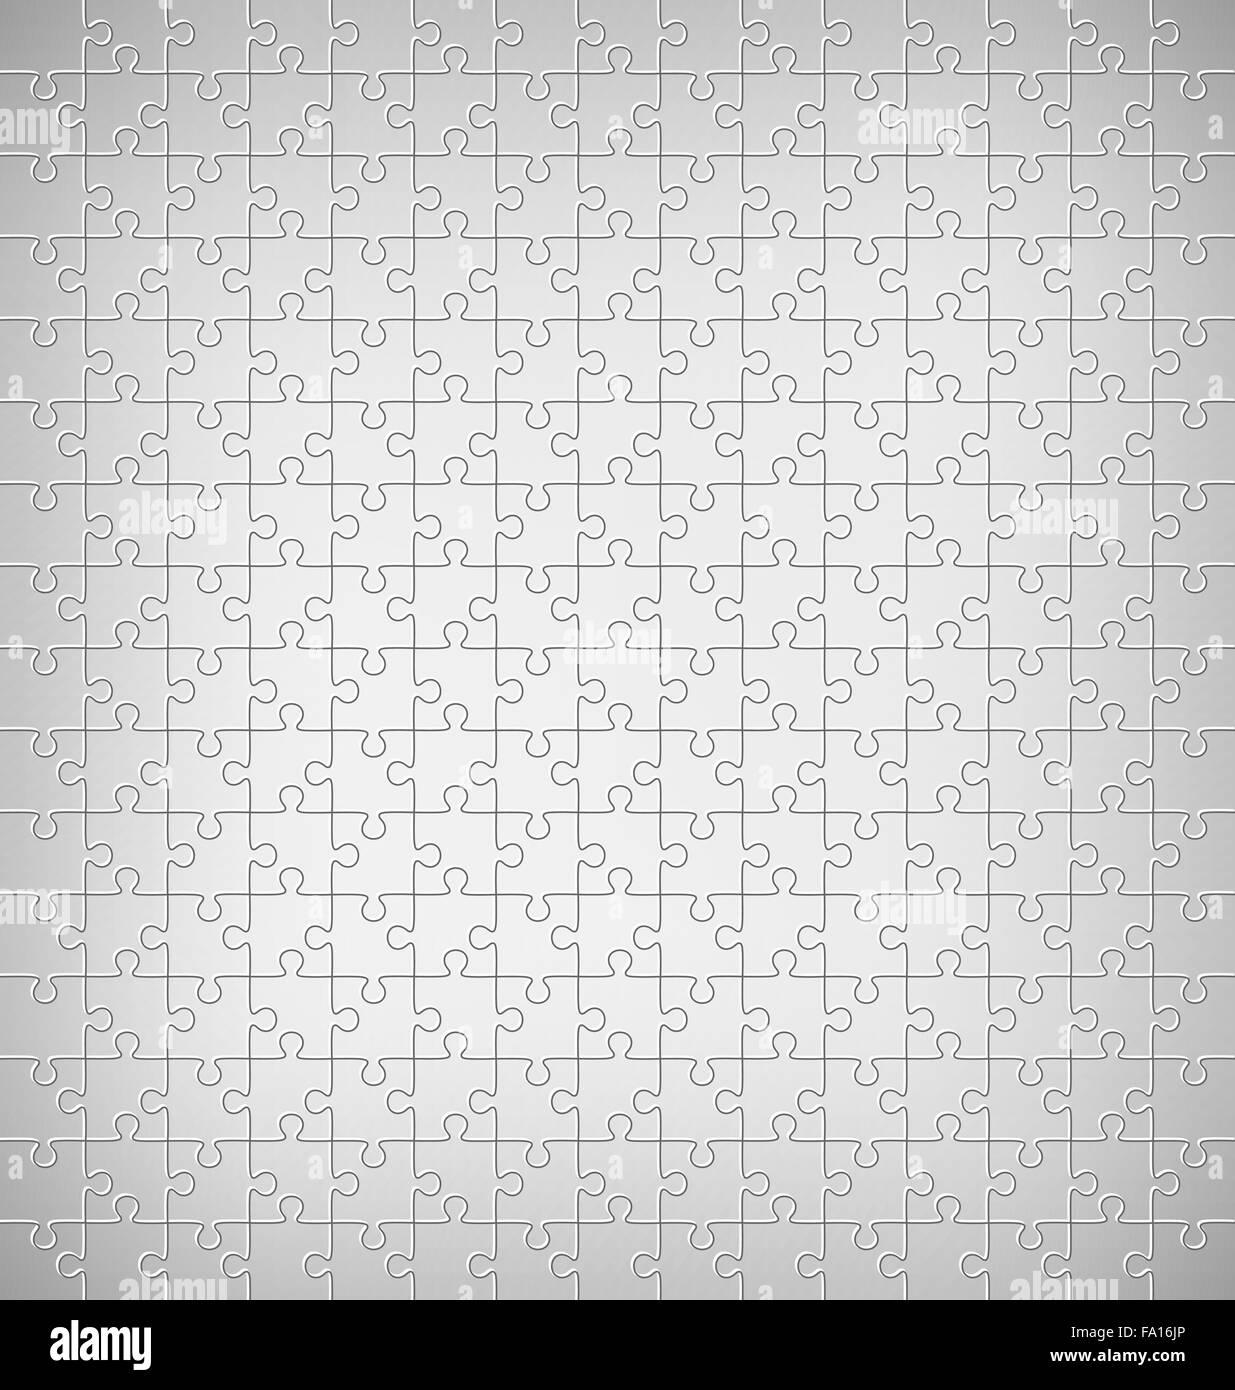 Ziemlich 25 Stück Puzzle Vorlage Zeitgenössisch - Beispiel ...